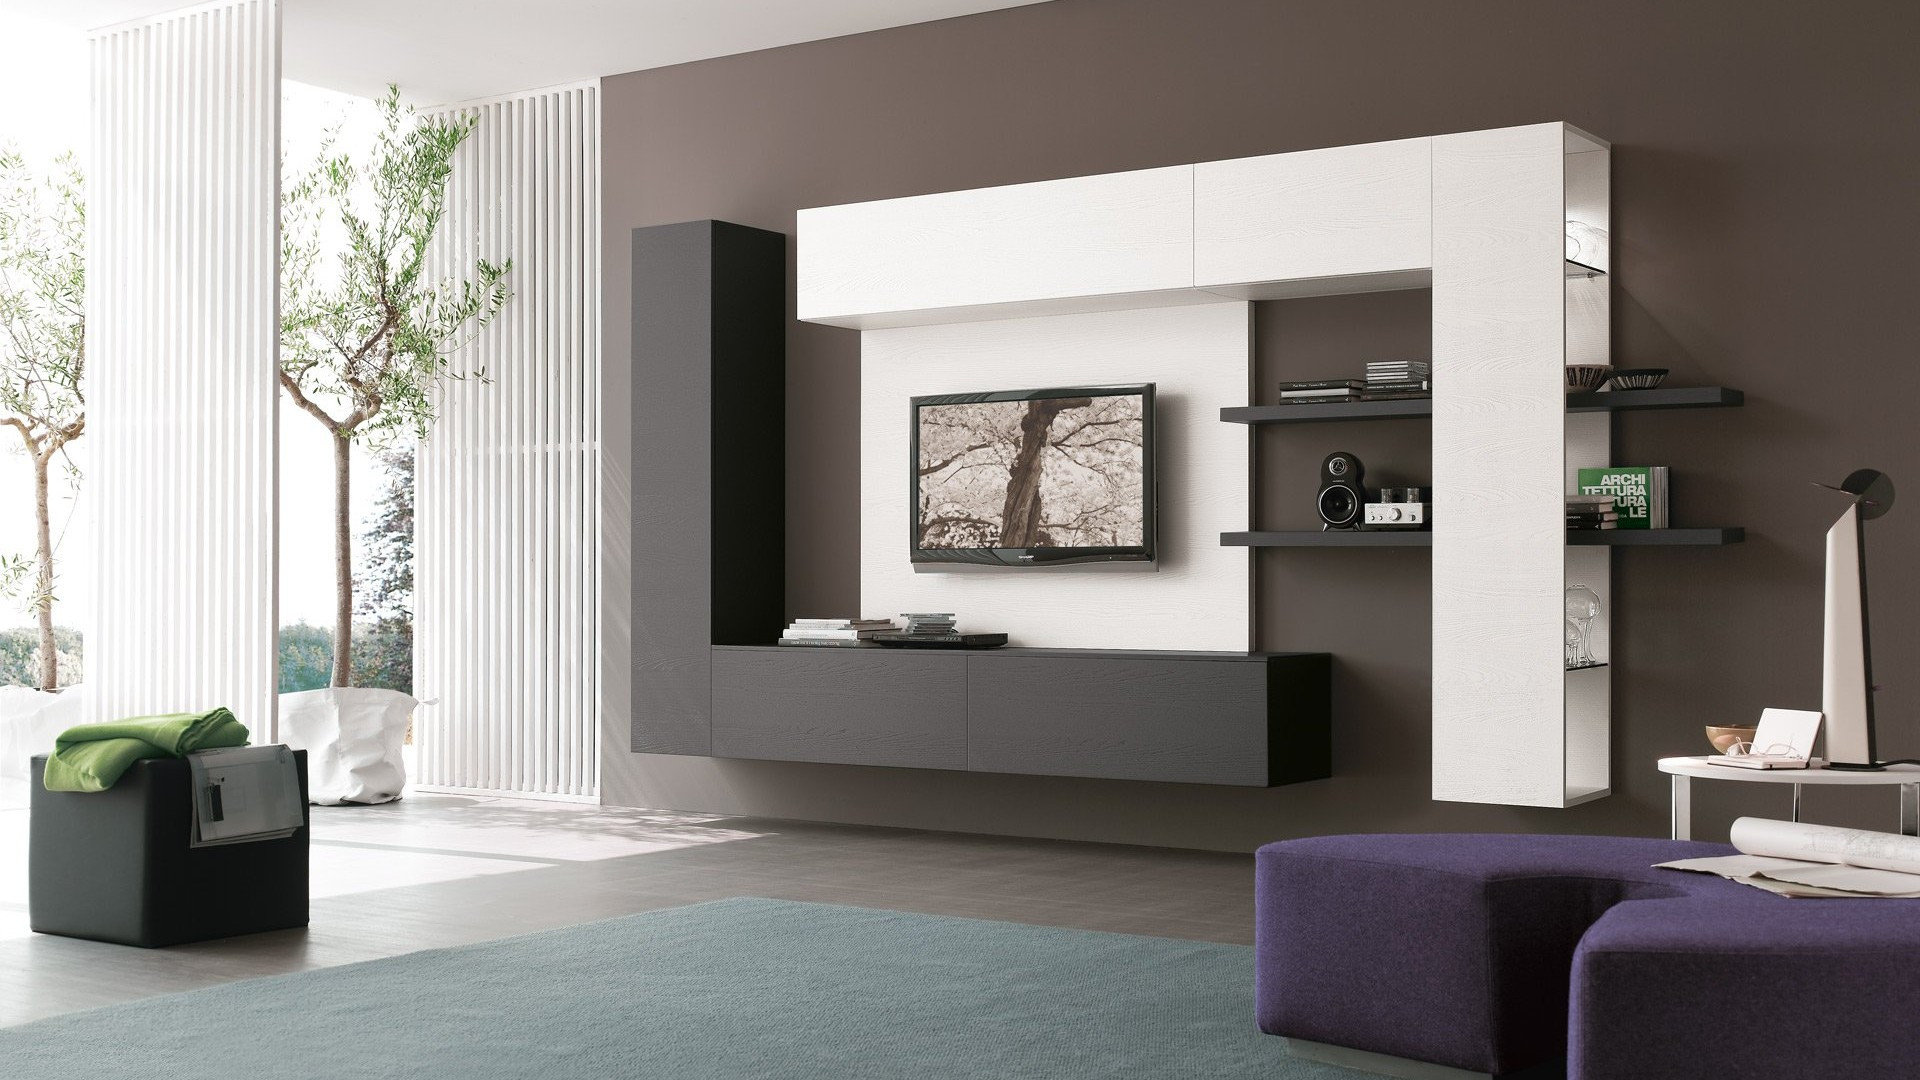 Современные модульные стенки в гостиную (51 фото): глянцевые и угловые мини-горки, новинки 2020 для зала, современные варианты в интерьере